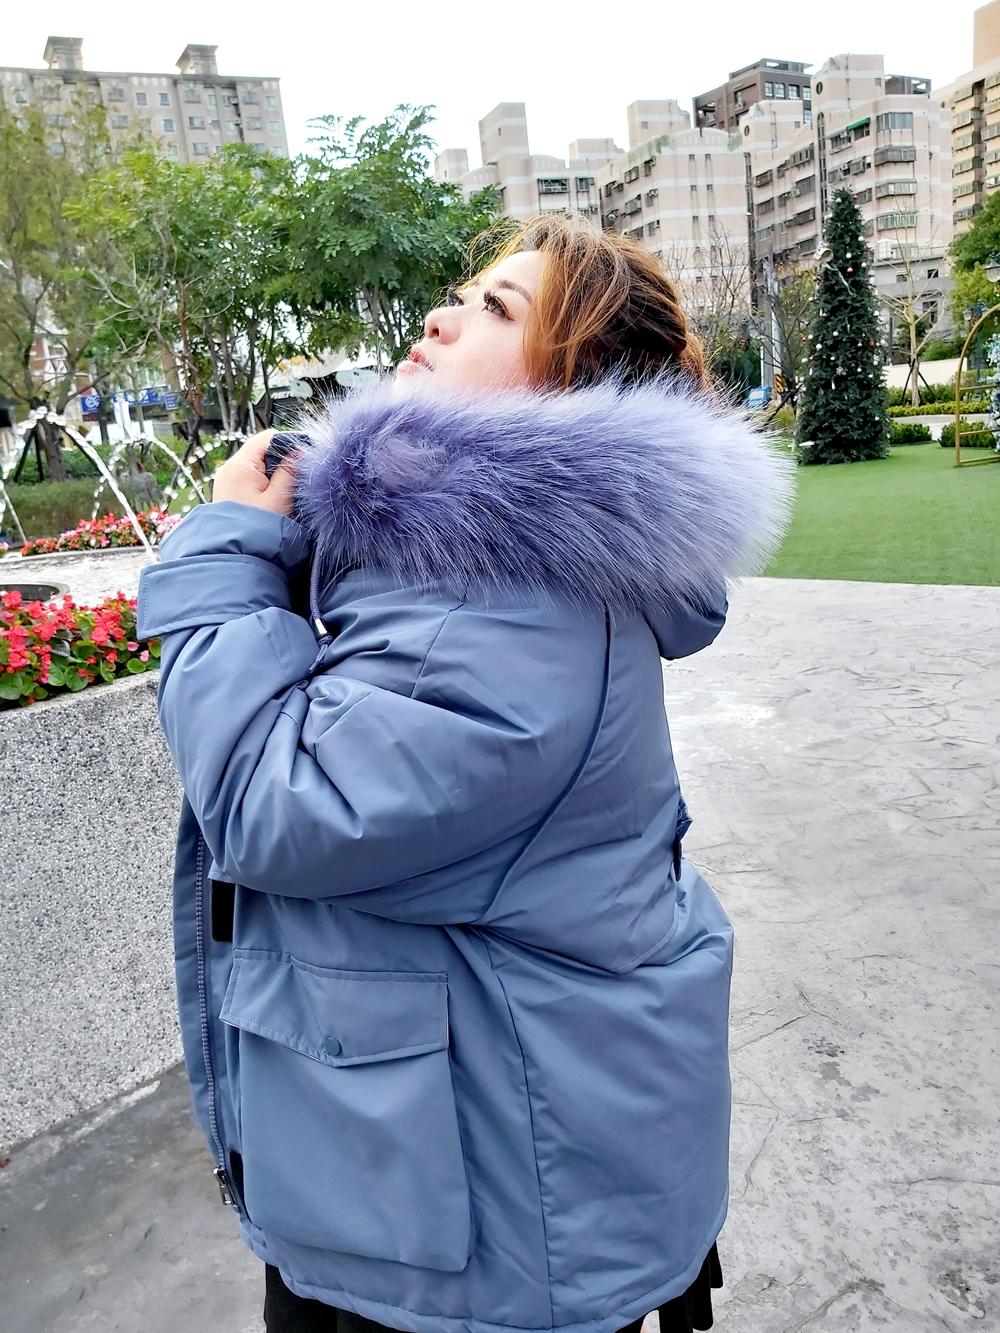 秋冬穿搭-棉花糖女孩們,冬季怎麼穿才合適,挑選合適的小禮服跟大衣吧 @民宿女王芽月-美食.旅遊.全台趴趴走